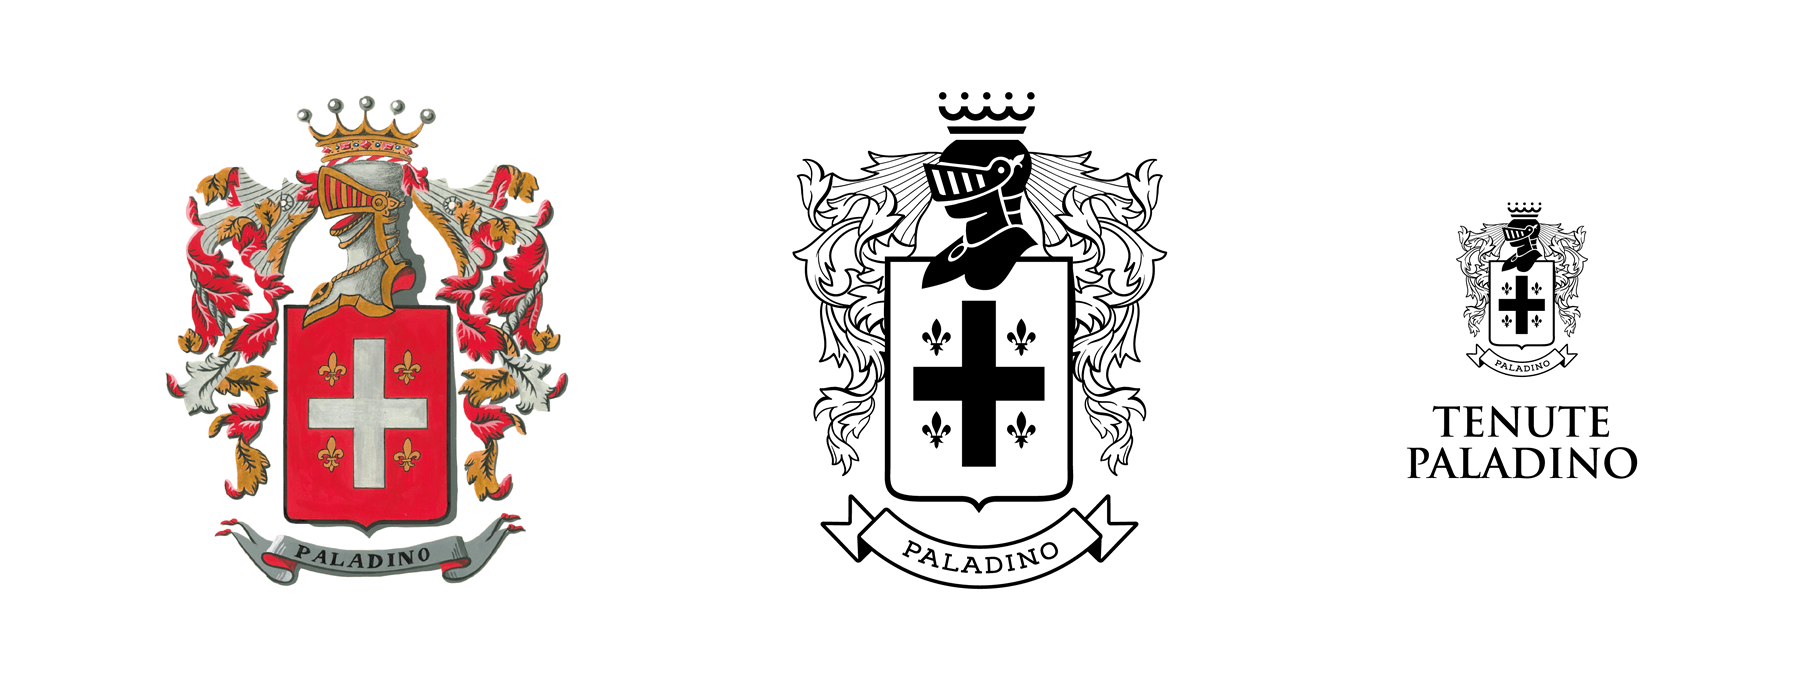 Studio La Regina - stemma Tenute Paladino